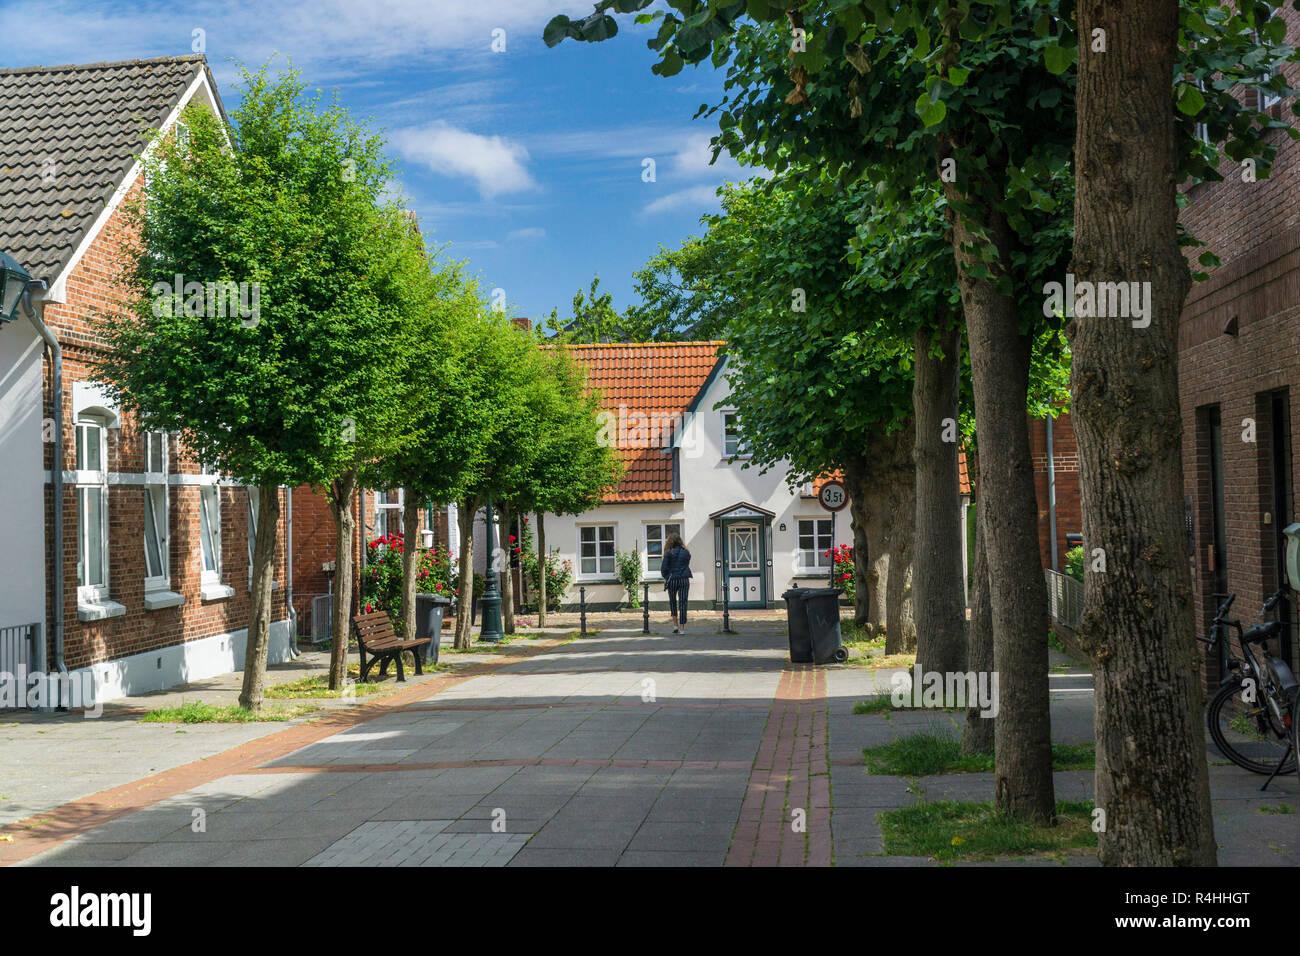 Nordfriesland, Old Town of Wyk on fa, Altstadt von Wyk auf F - Stock Image